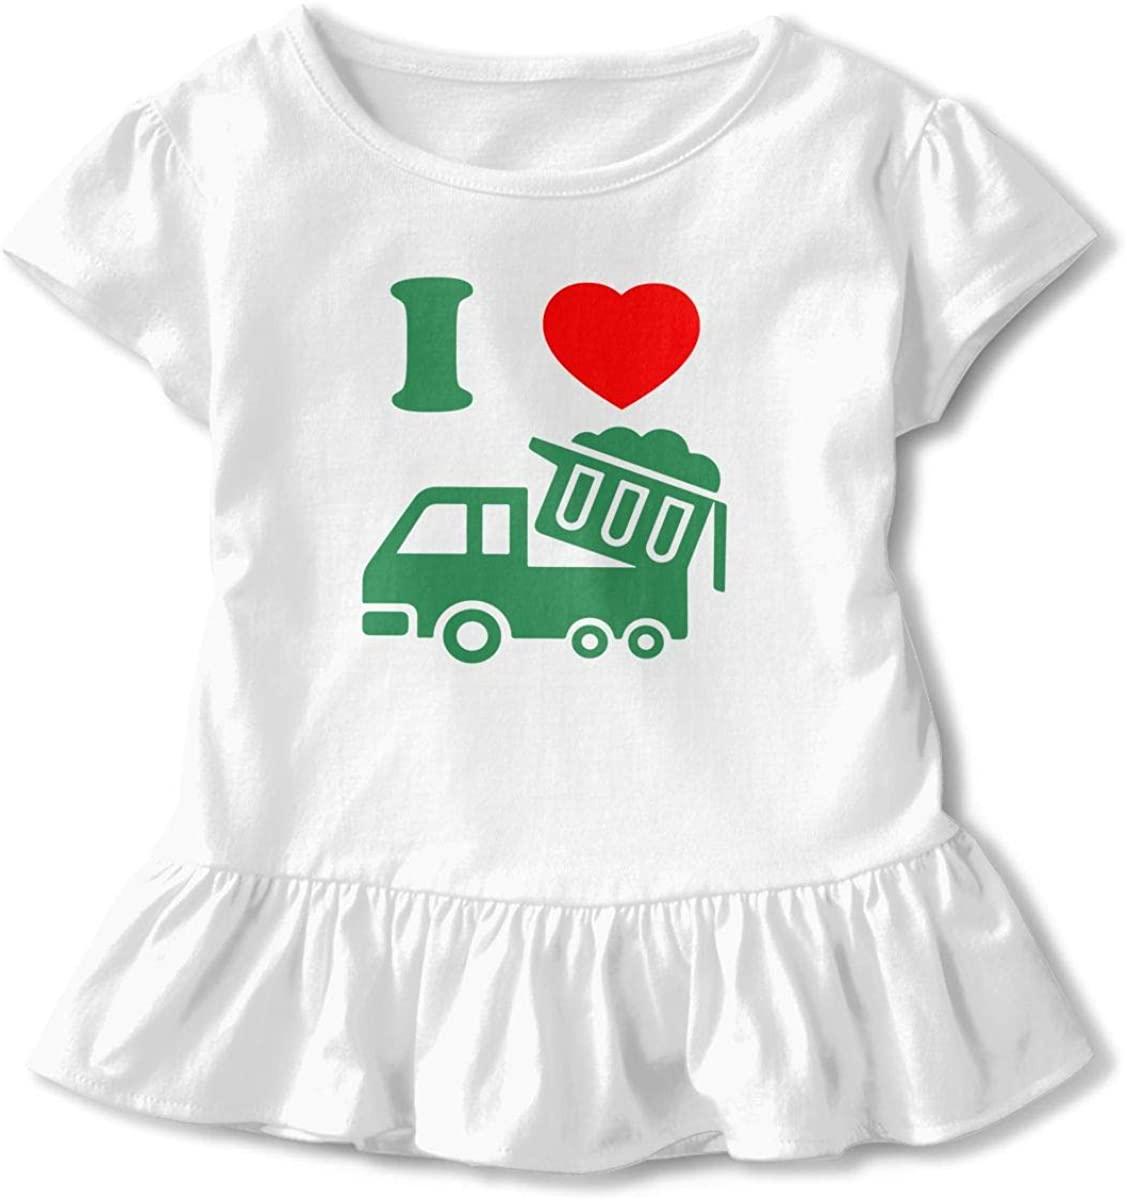 Toddler Girl's Ruffle T-Shirt I Love Trash Trucks Short Sleeve 2-6T